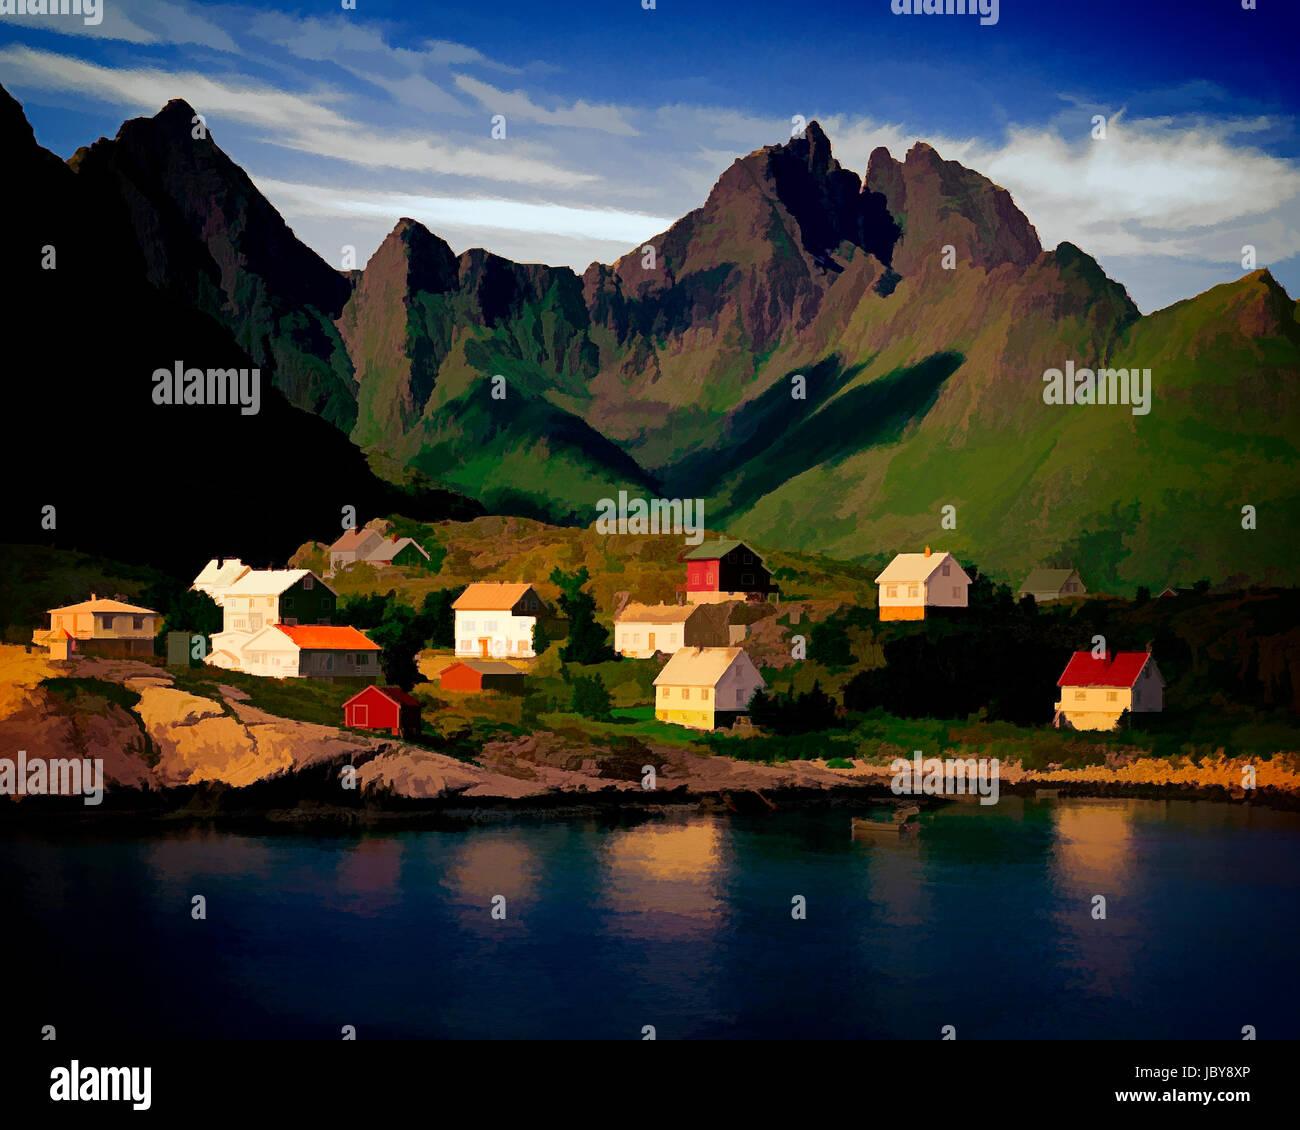 DIGITALE Kunst: Å und Gjerdtindan Berge, Lofoten Inseln, Norwegen Stockbild